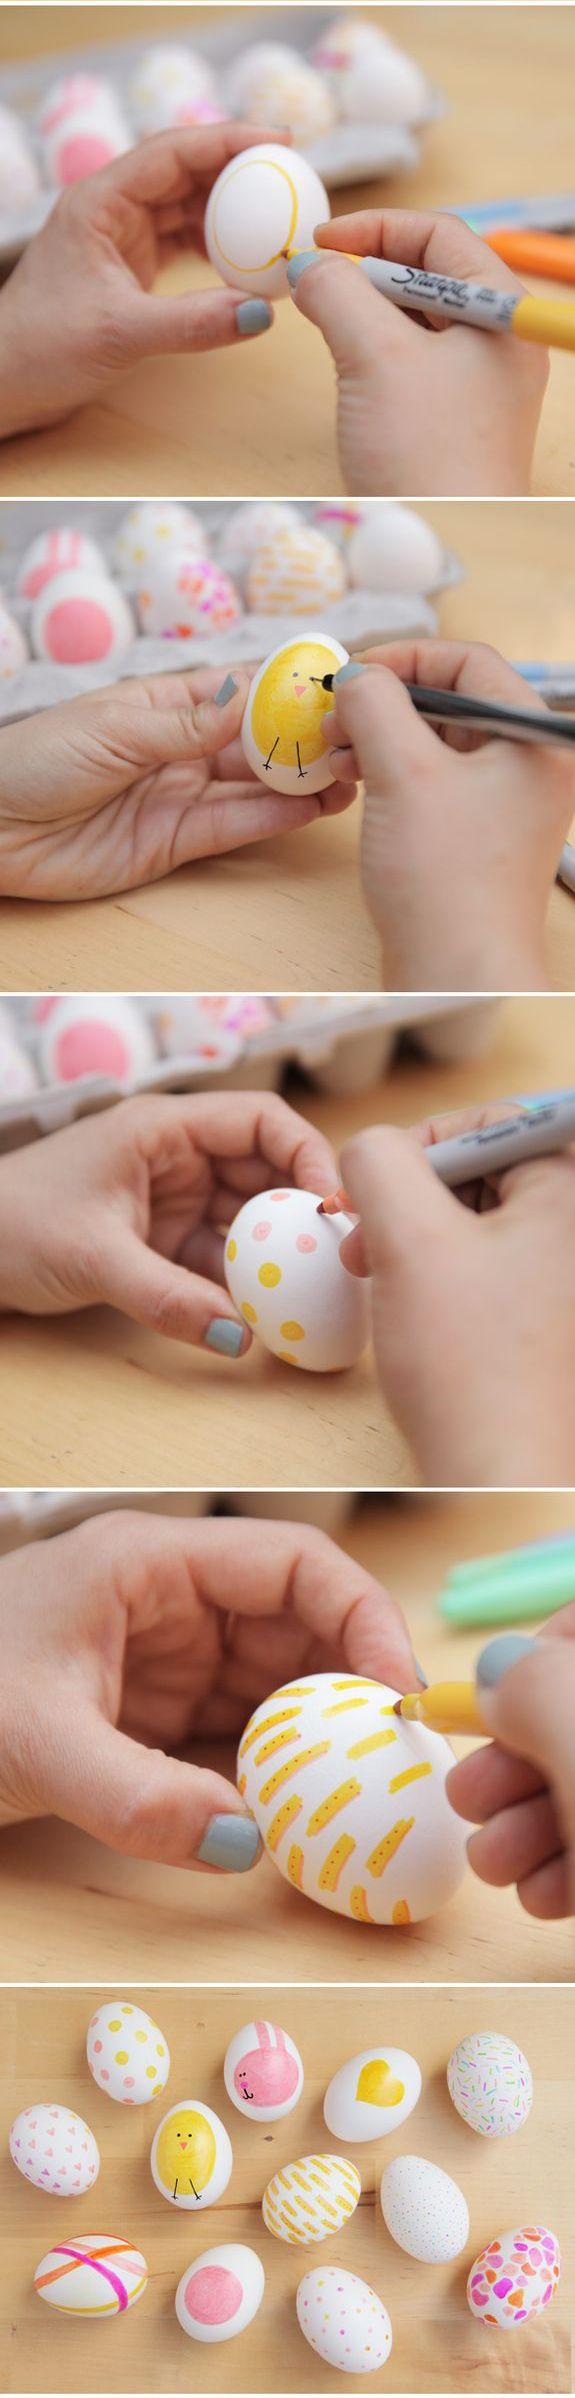 Lavoretti di Pasqua per Bambini: composizione di uova di pasqua decorate